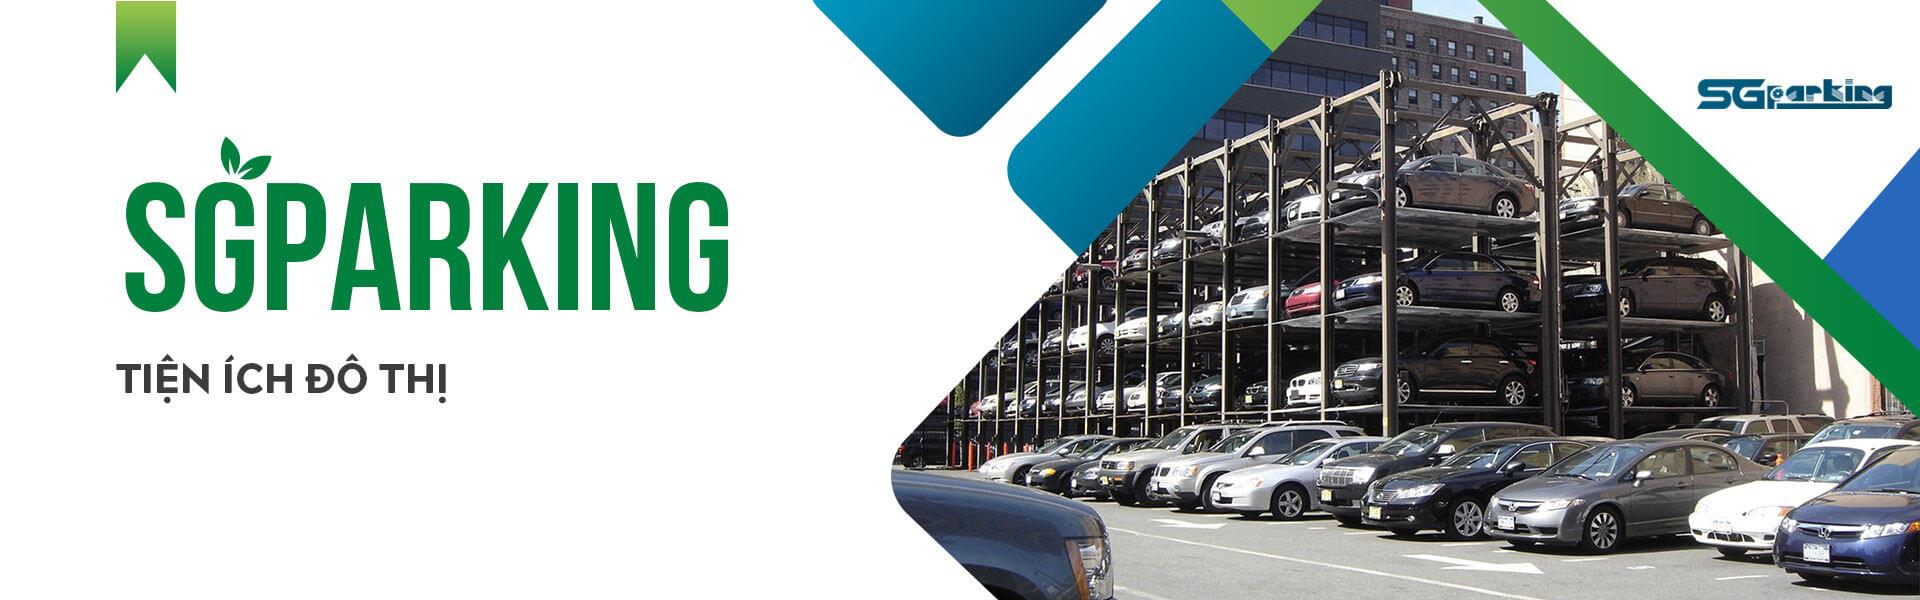 Sài gòn parking nhà cung cấp bãi đỗ xe thông minh